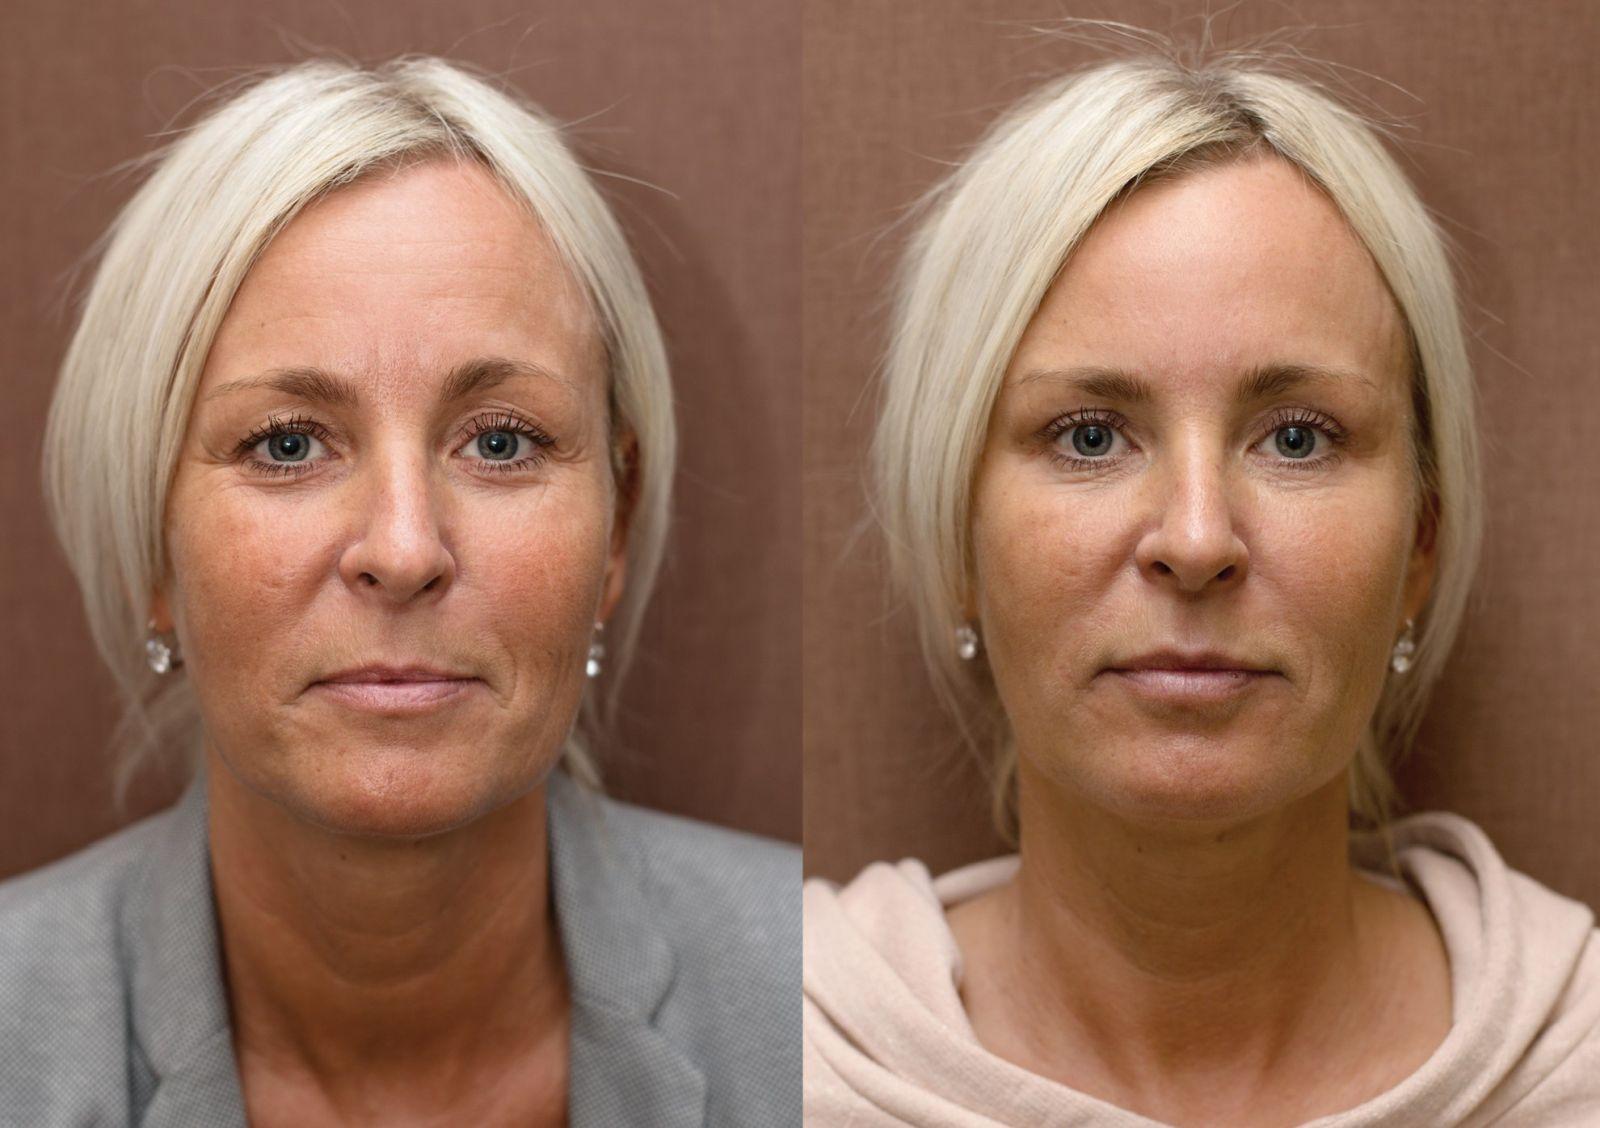 Anti-aging proměny: Plazmaterapie, injekční výplně, operace očních víček